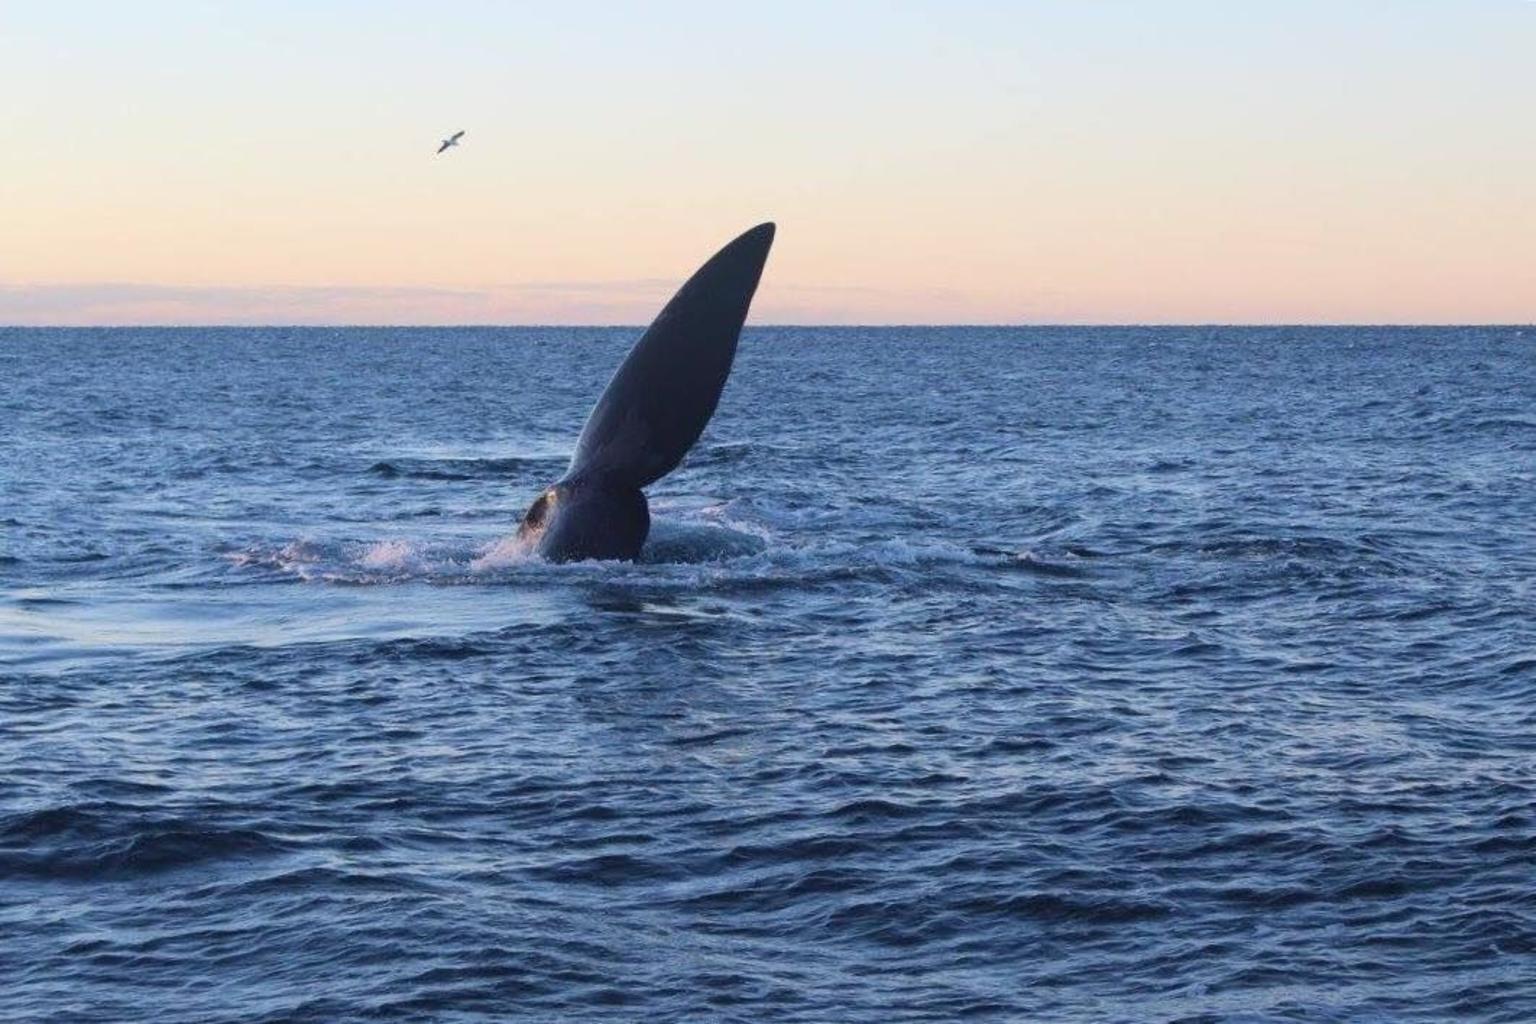 MÁS FOTOS, Tour de un día completo por la península Valdés desde Puerto Madryn con avistamiento de ballenas opcional